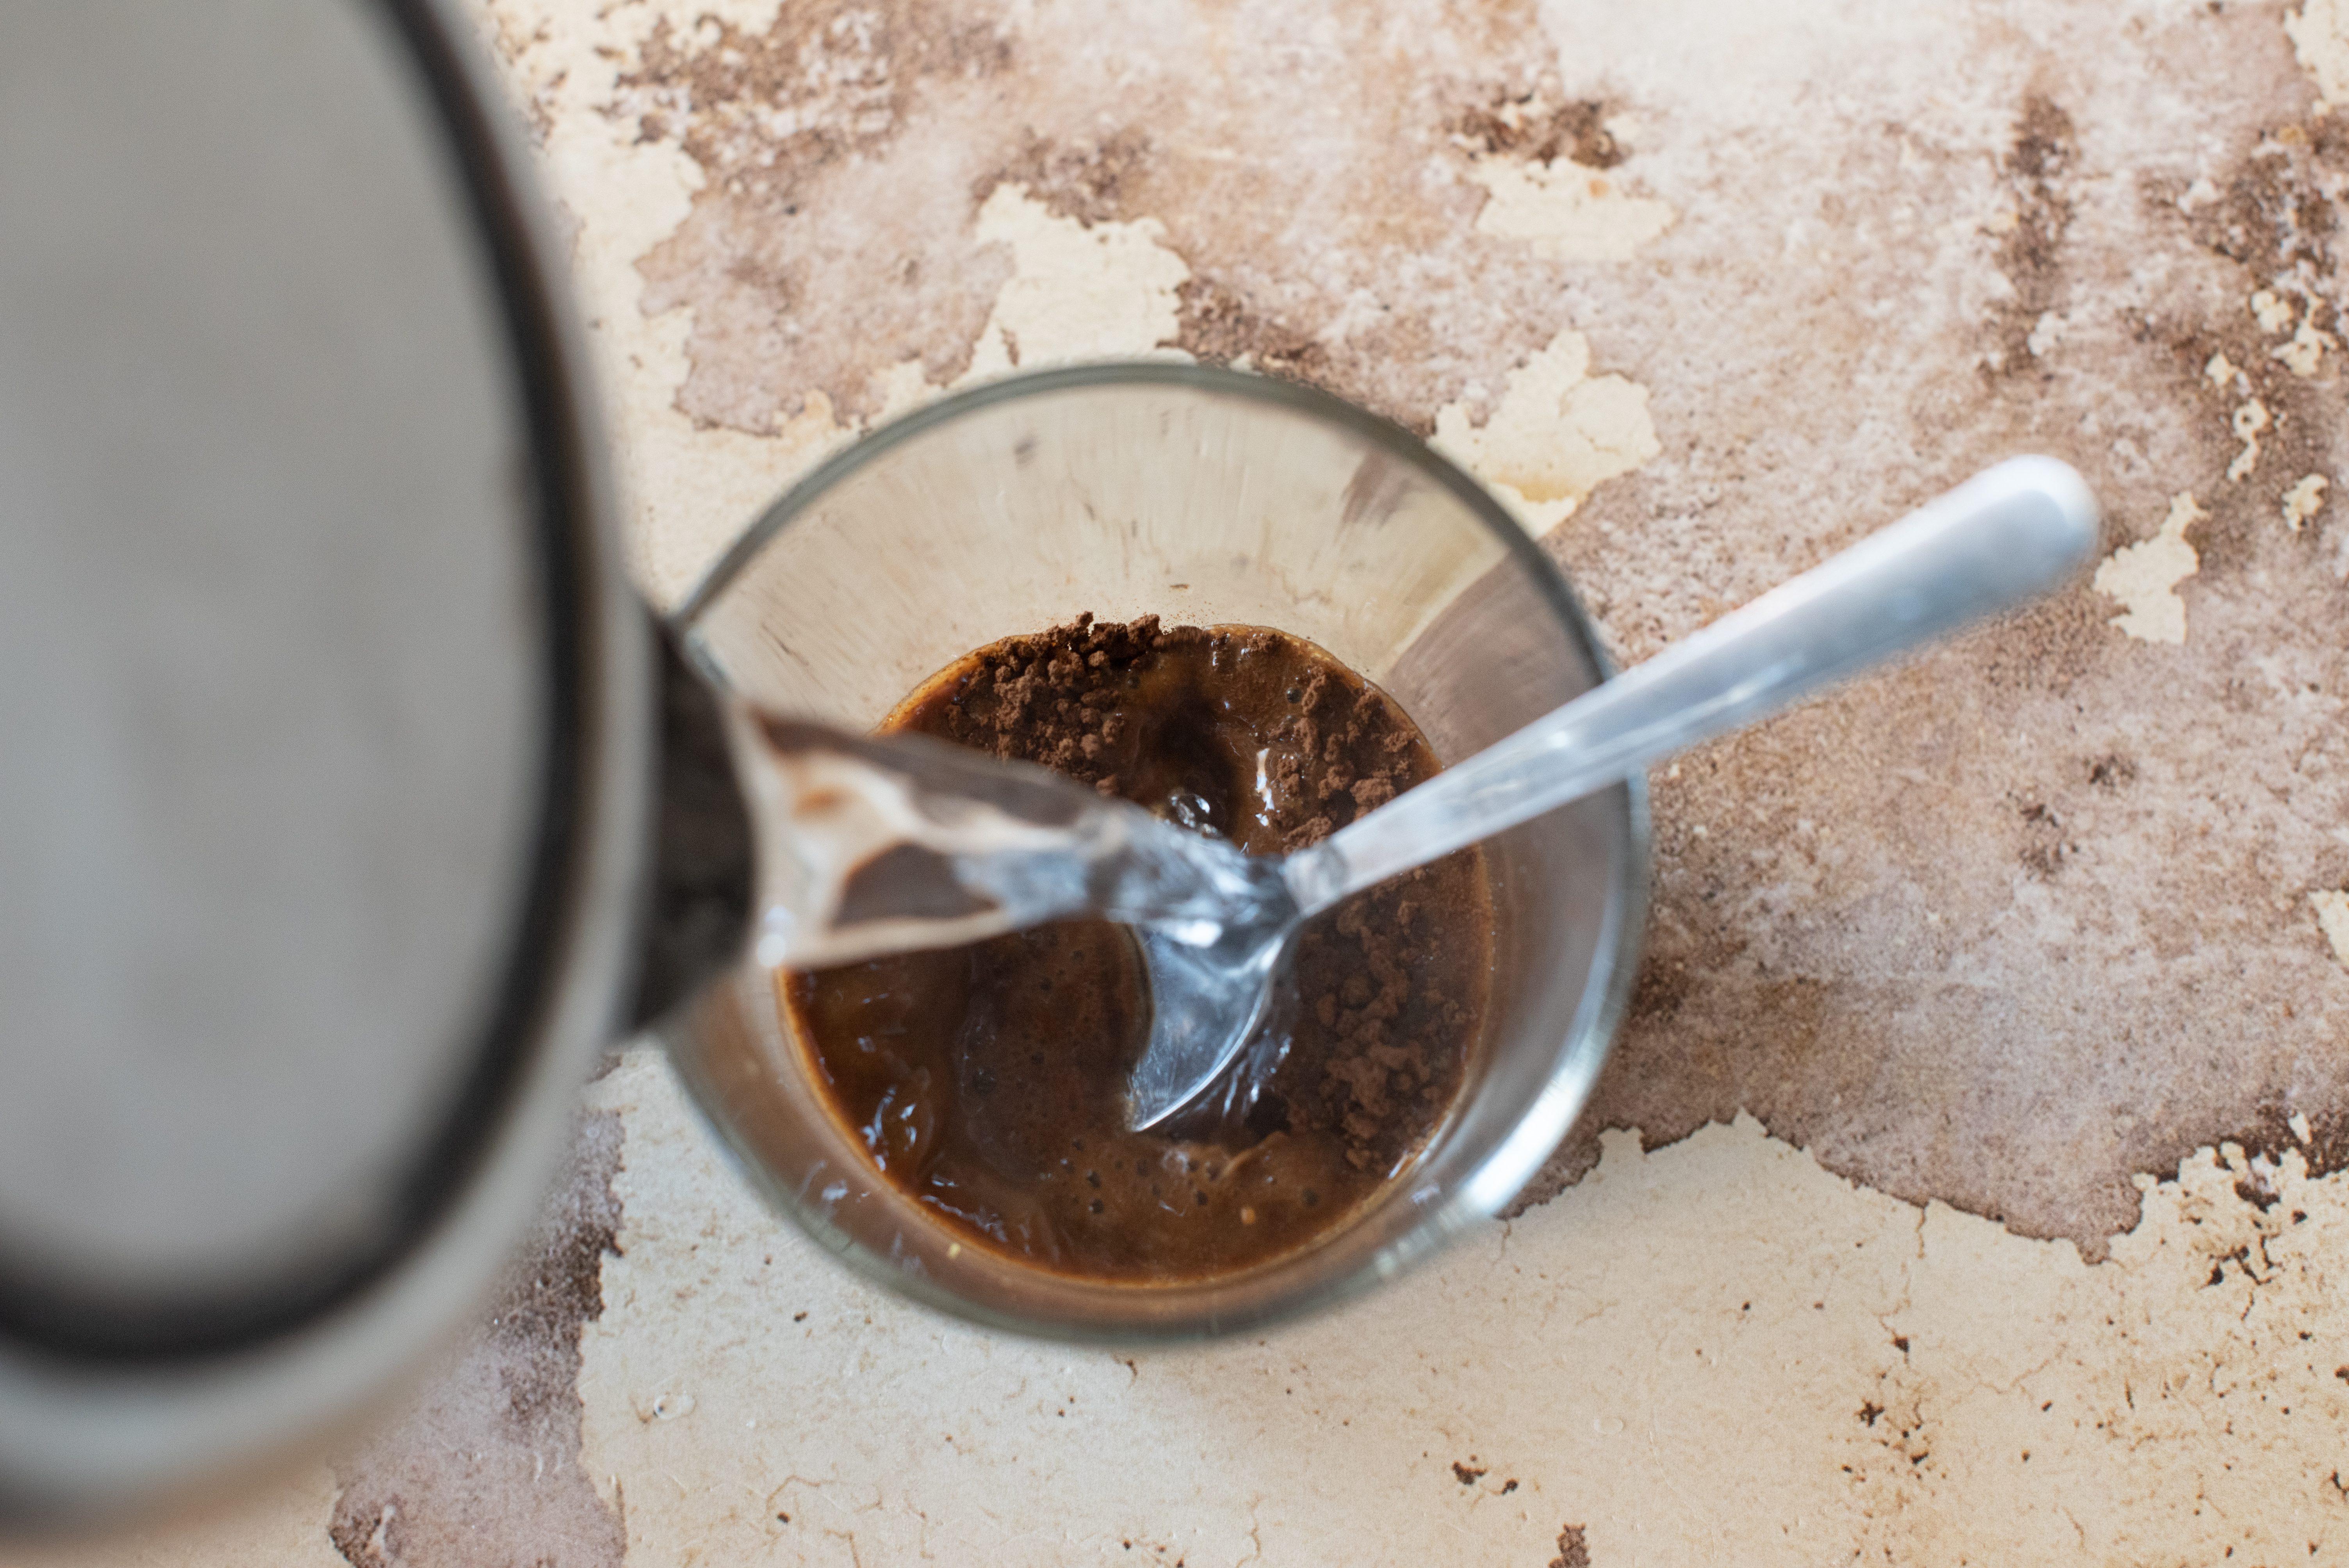 Crema caffè e mascarpone, fare il caffè